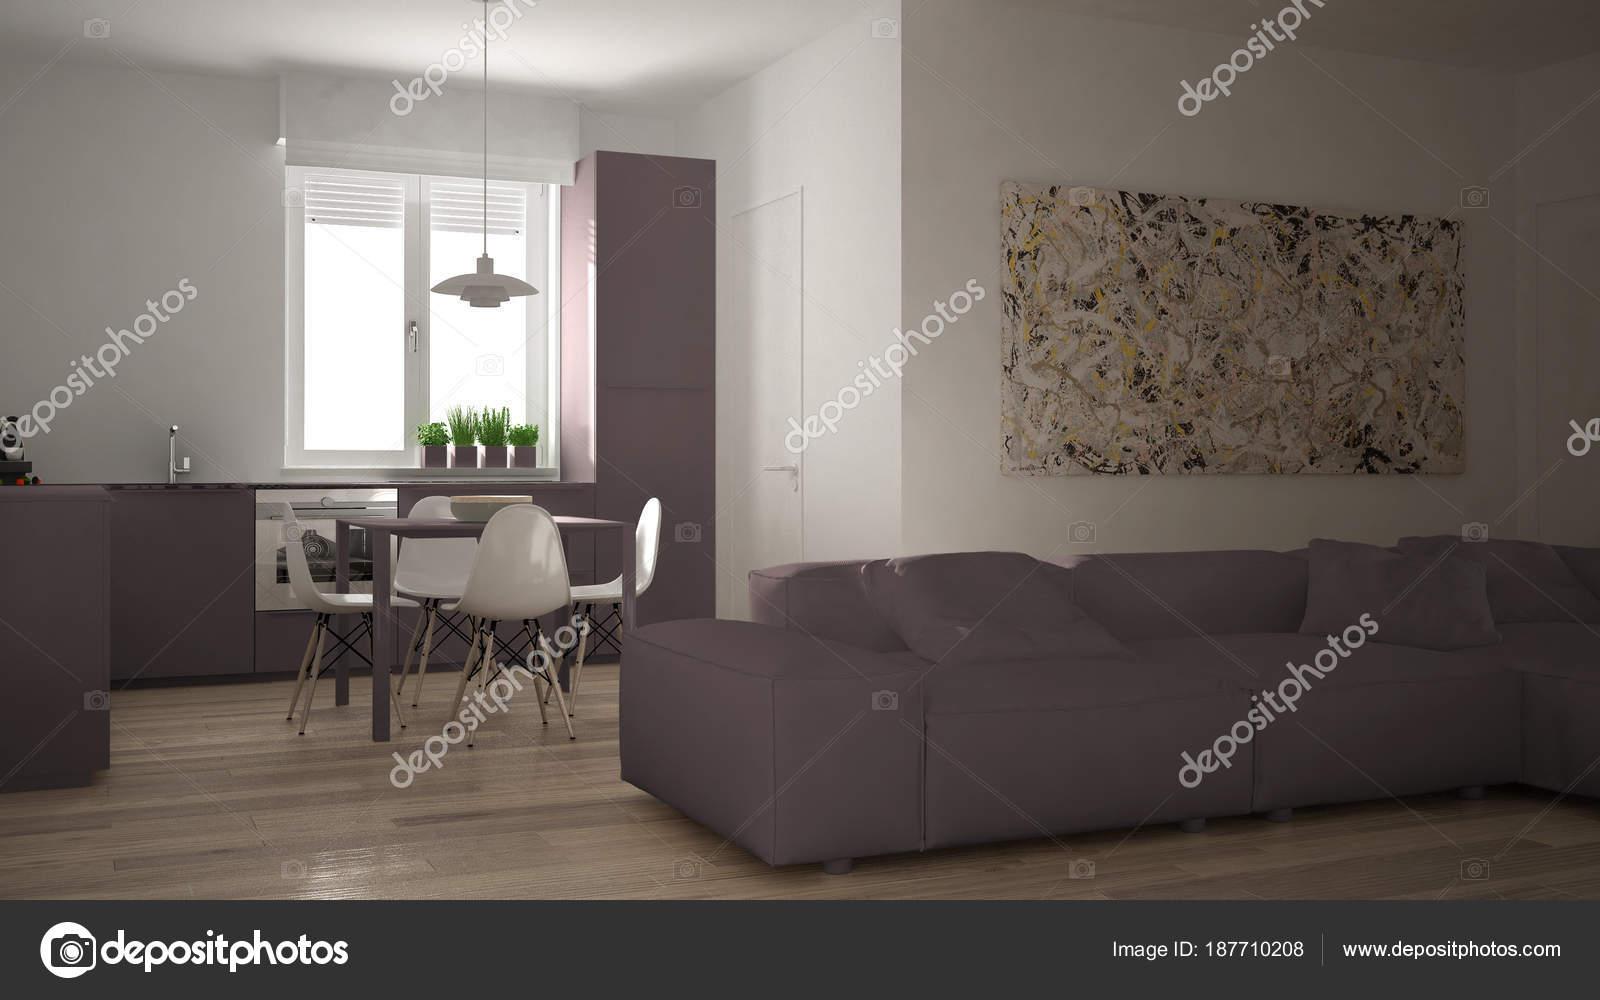 Moderne woonkamer met keuken in een gezellige open ruimte